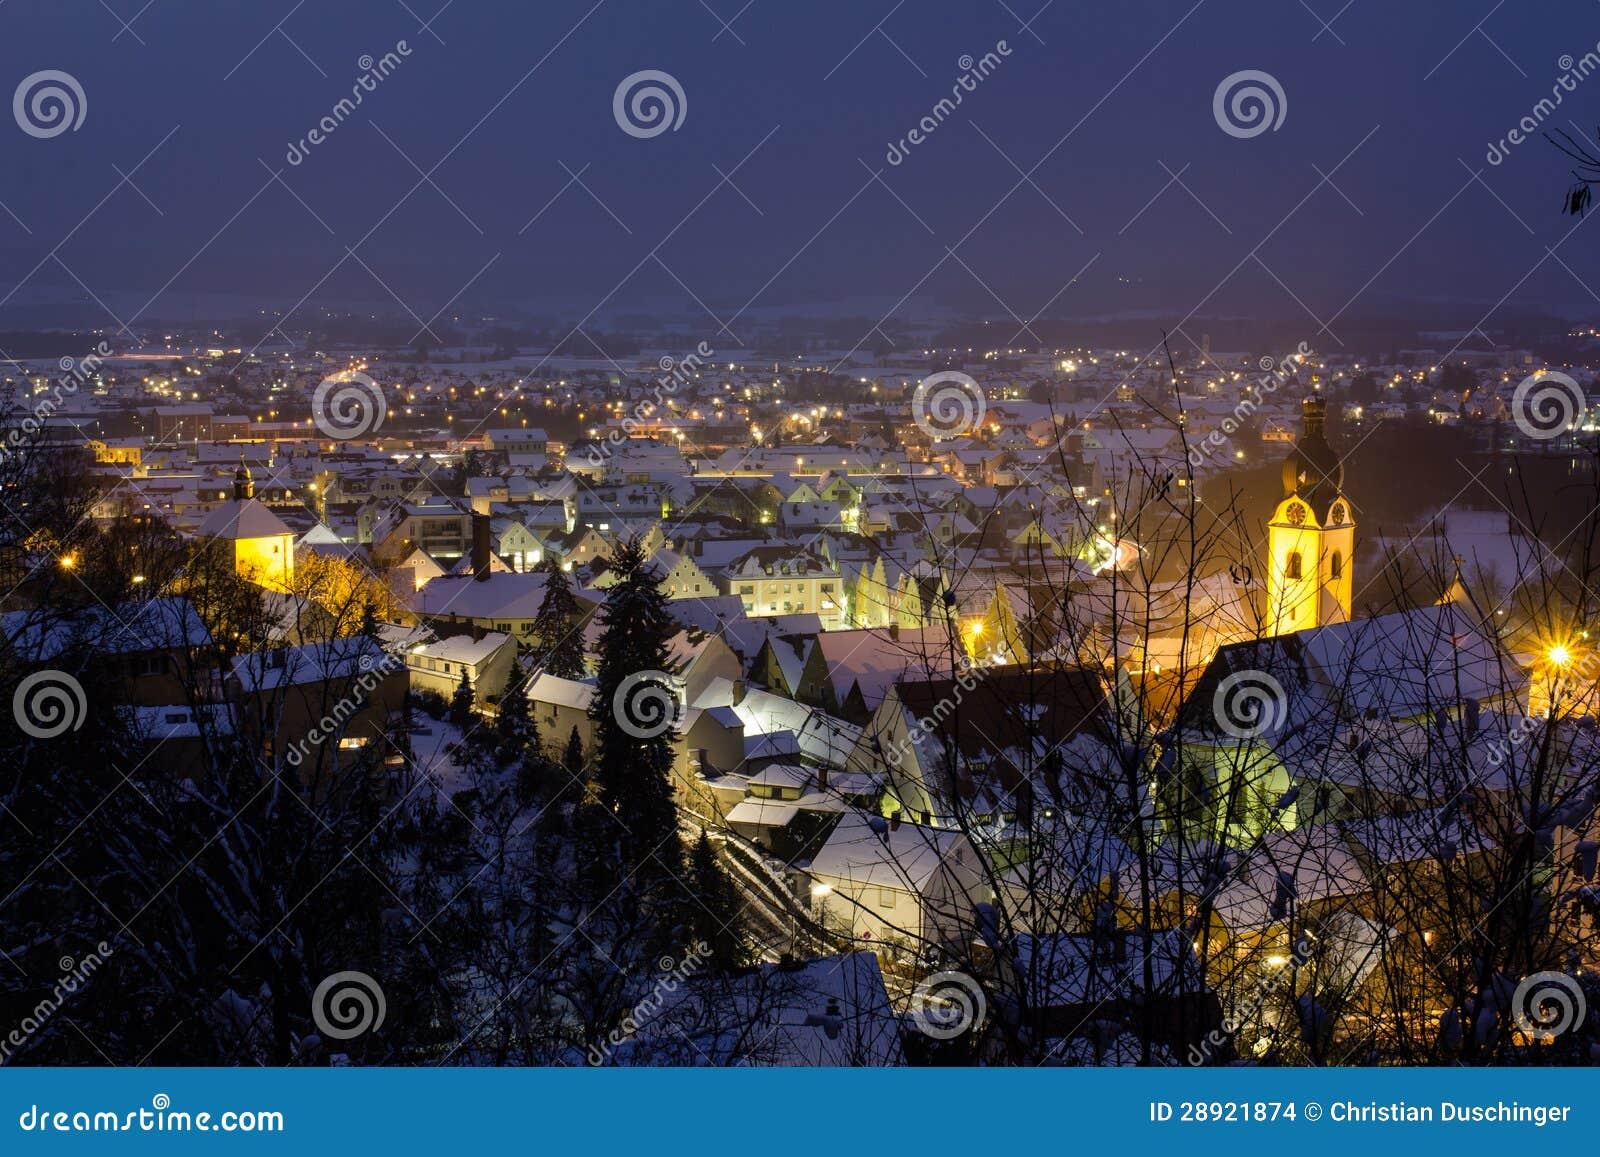 Schwandorf at night